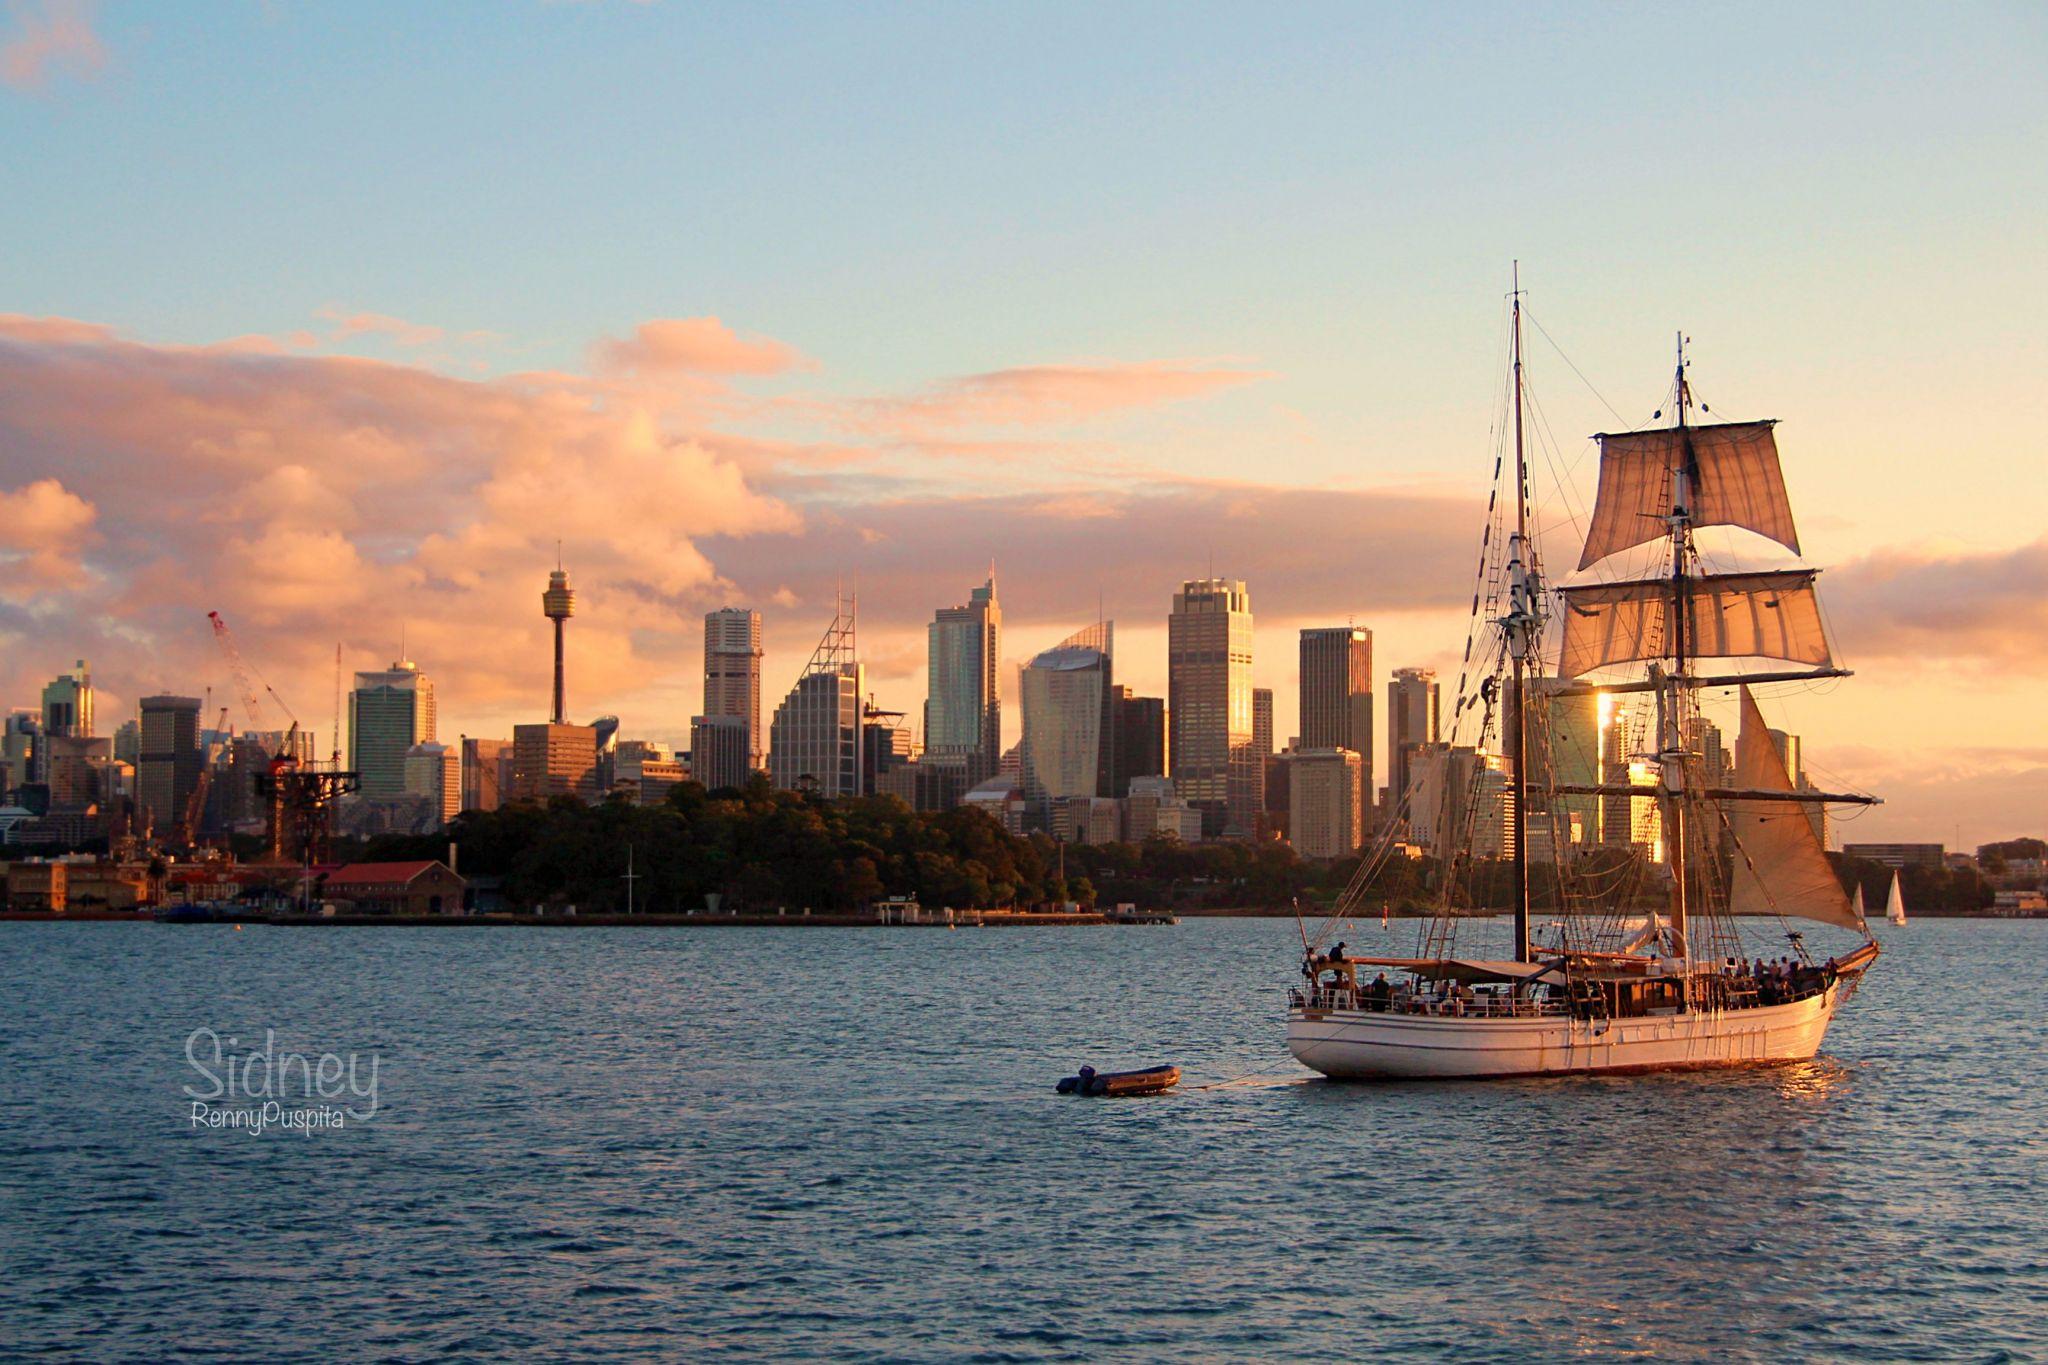 Sunset on Sydney, Australia, Australia